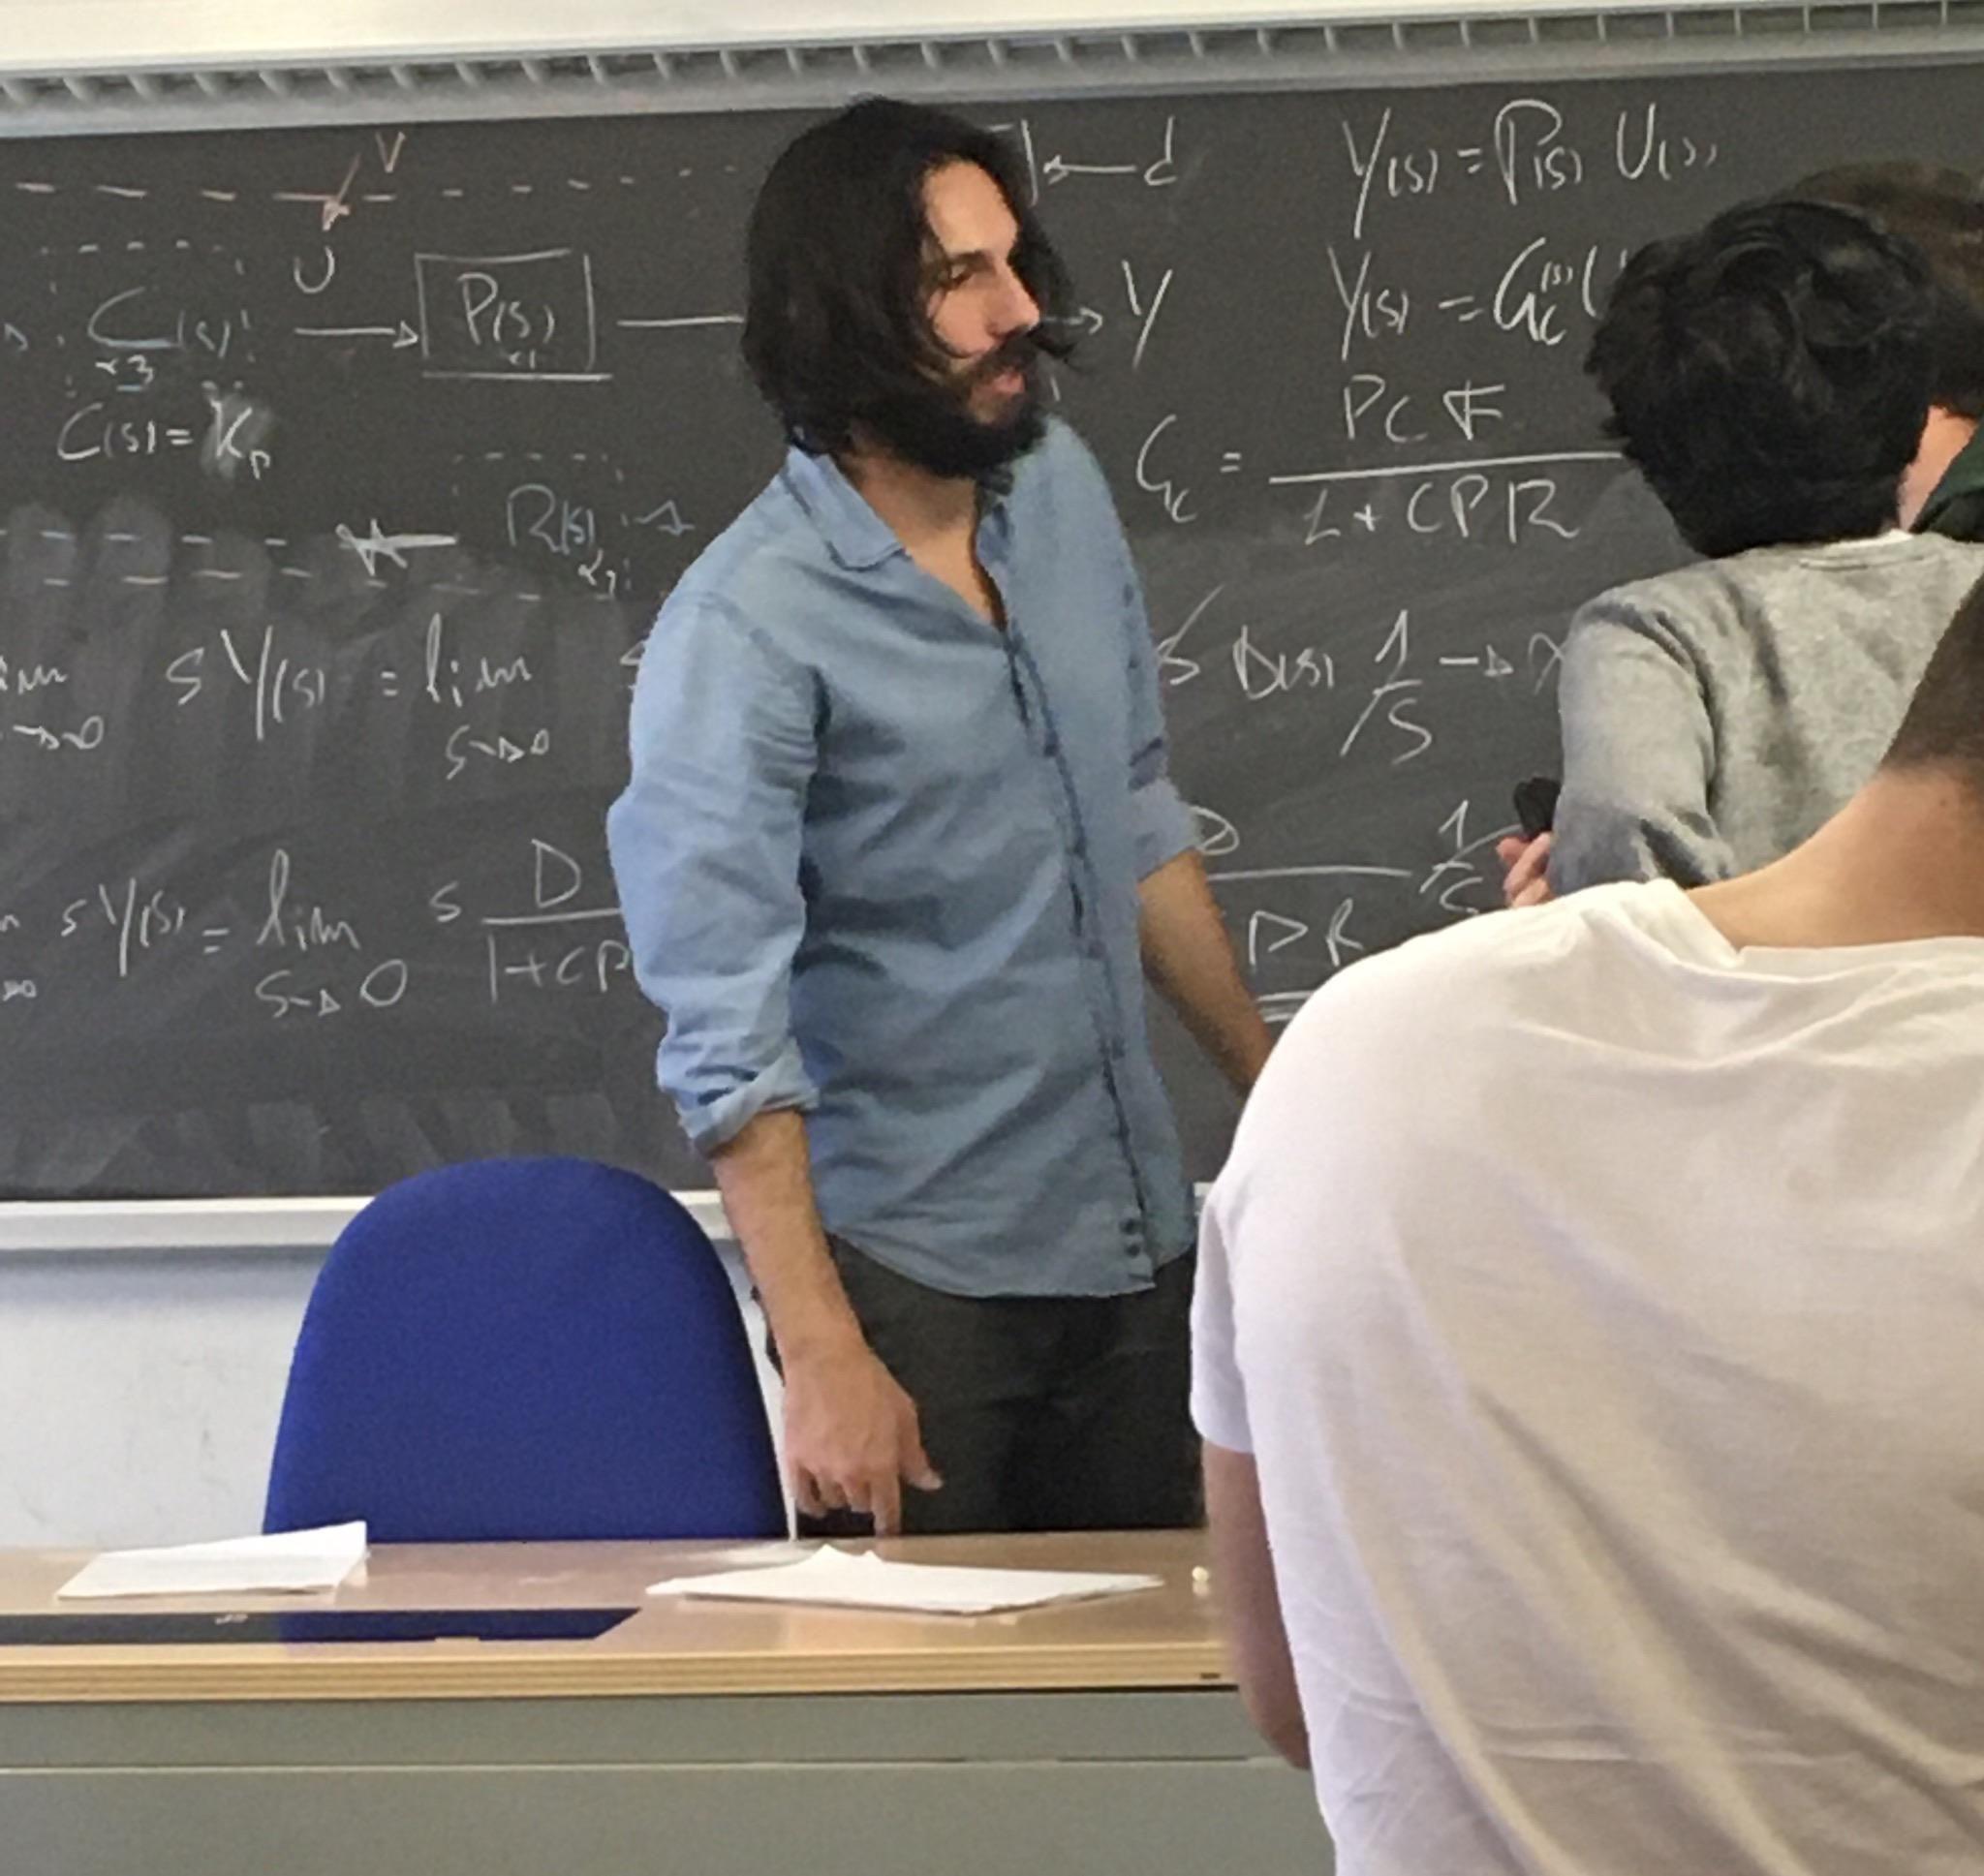 My professor is Keanu Reeves